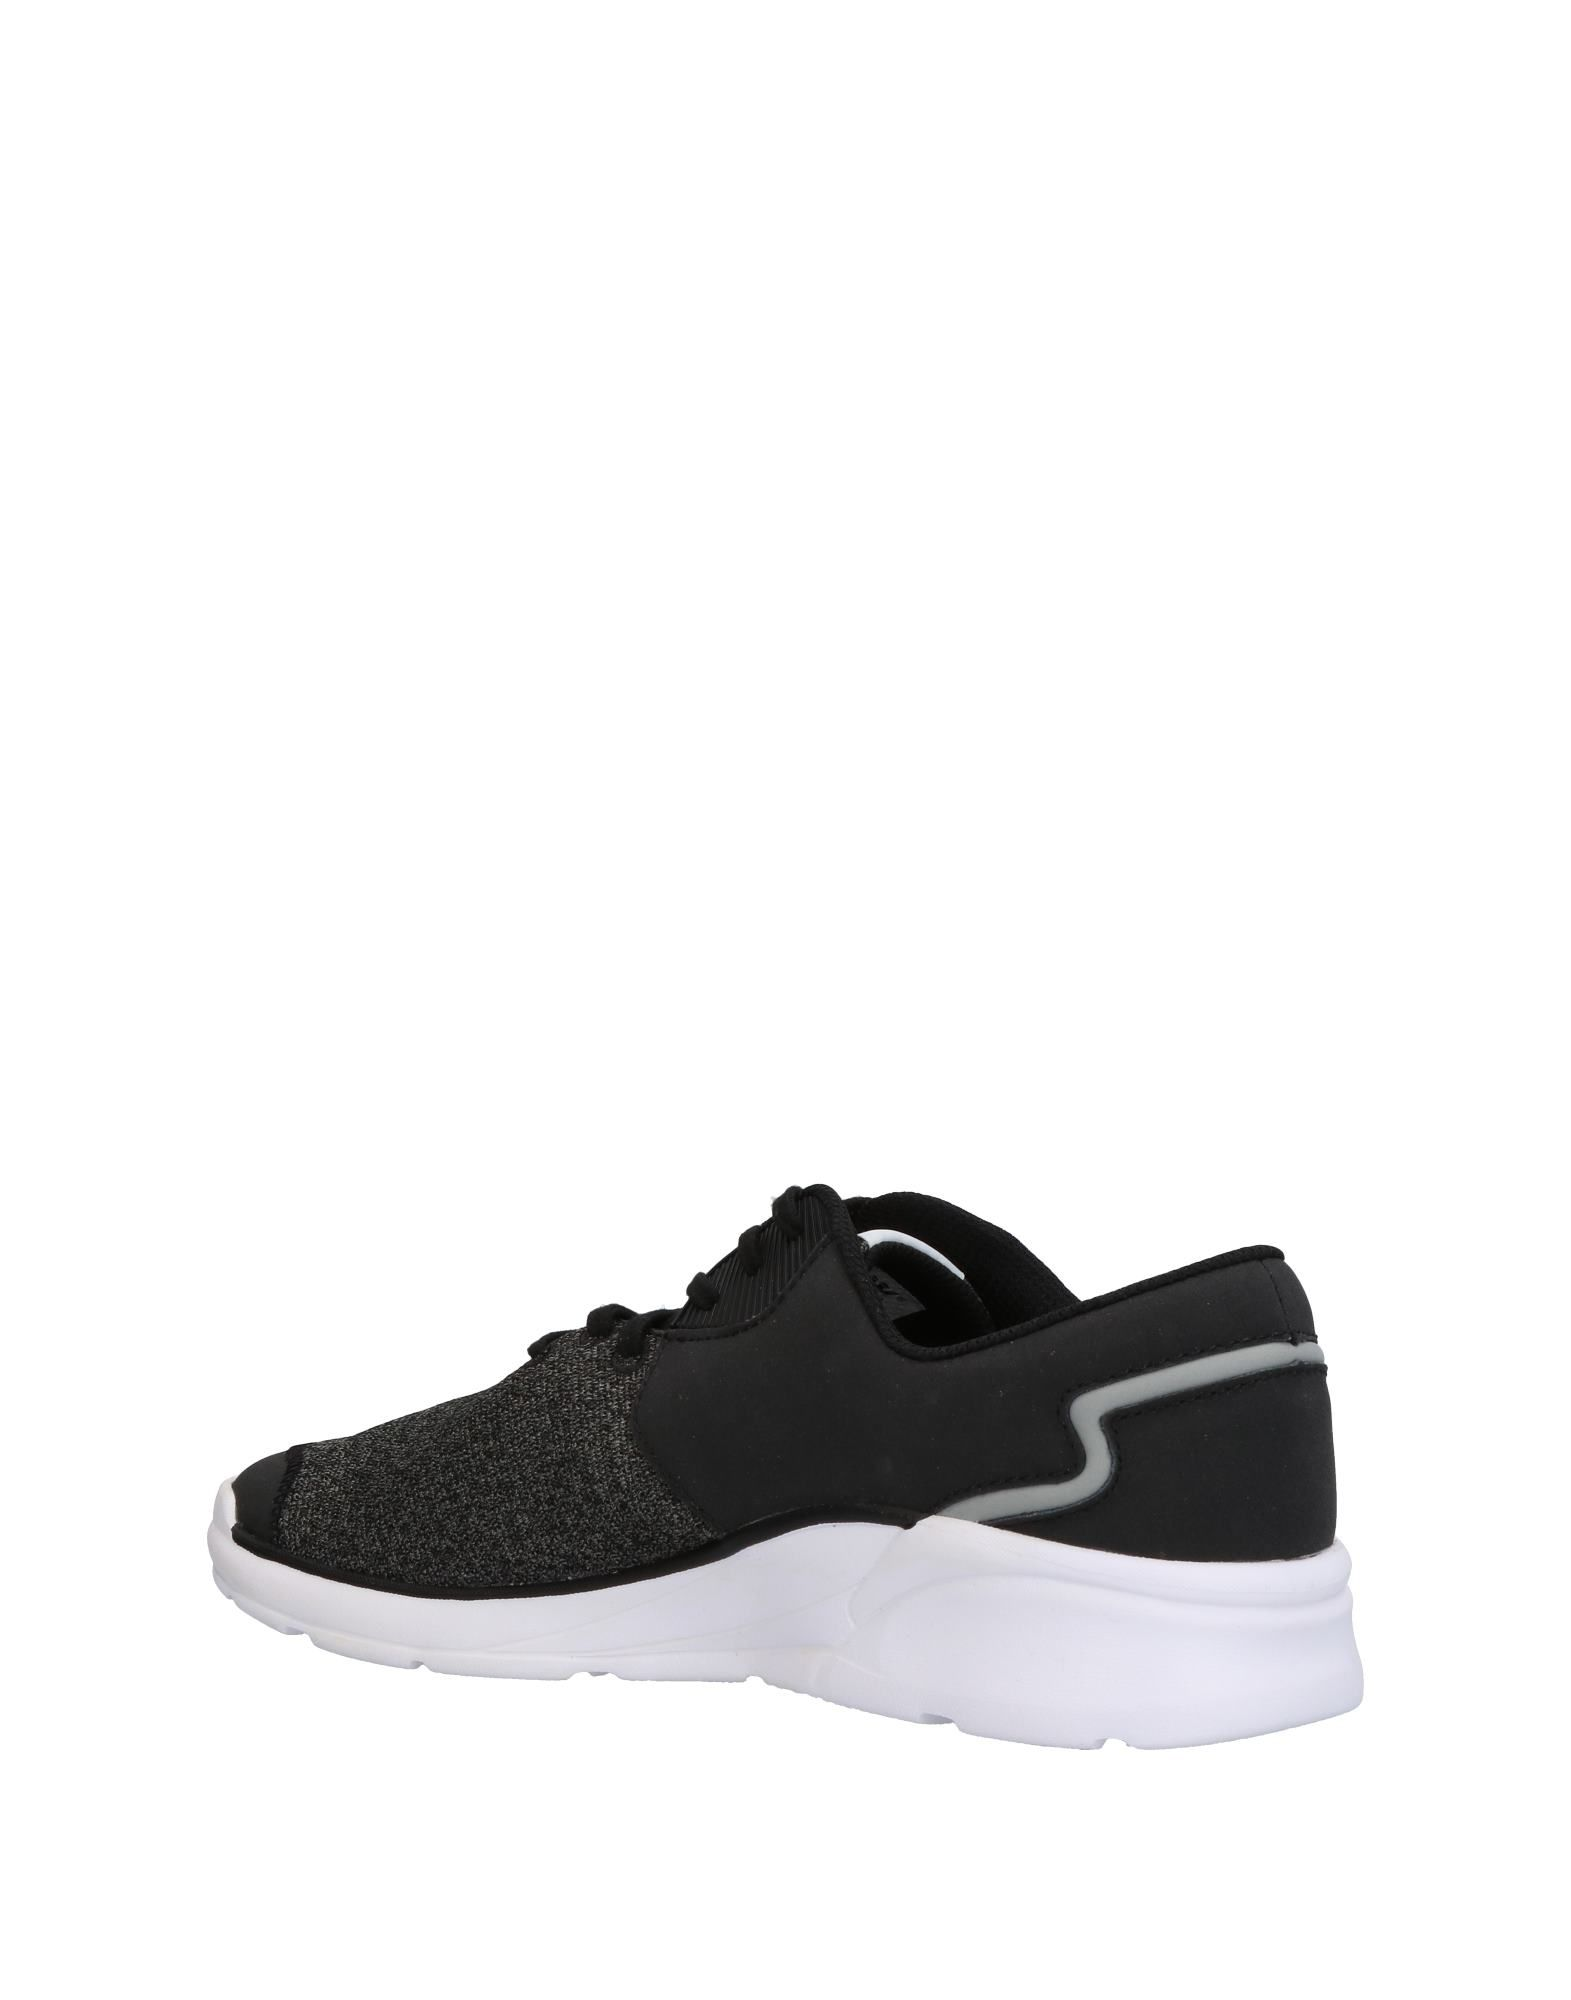 ... Sneakers Supra Homme - Sneakers Supra sur ...